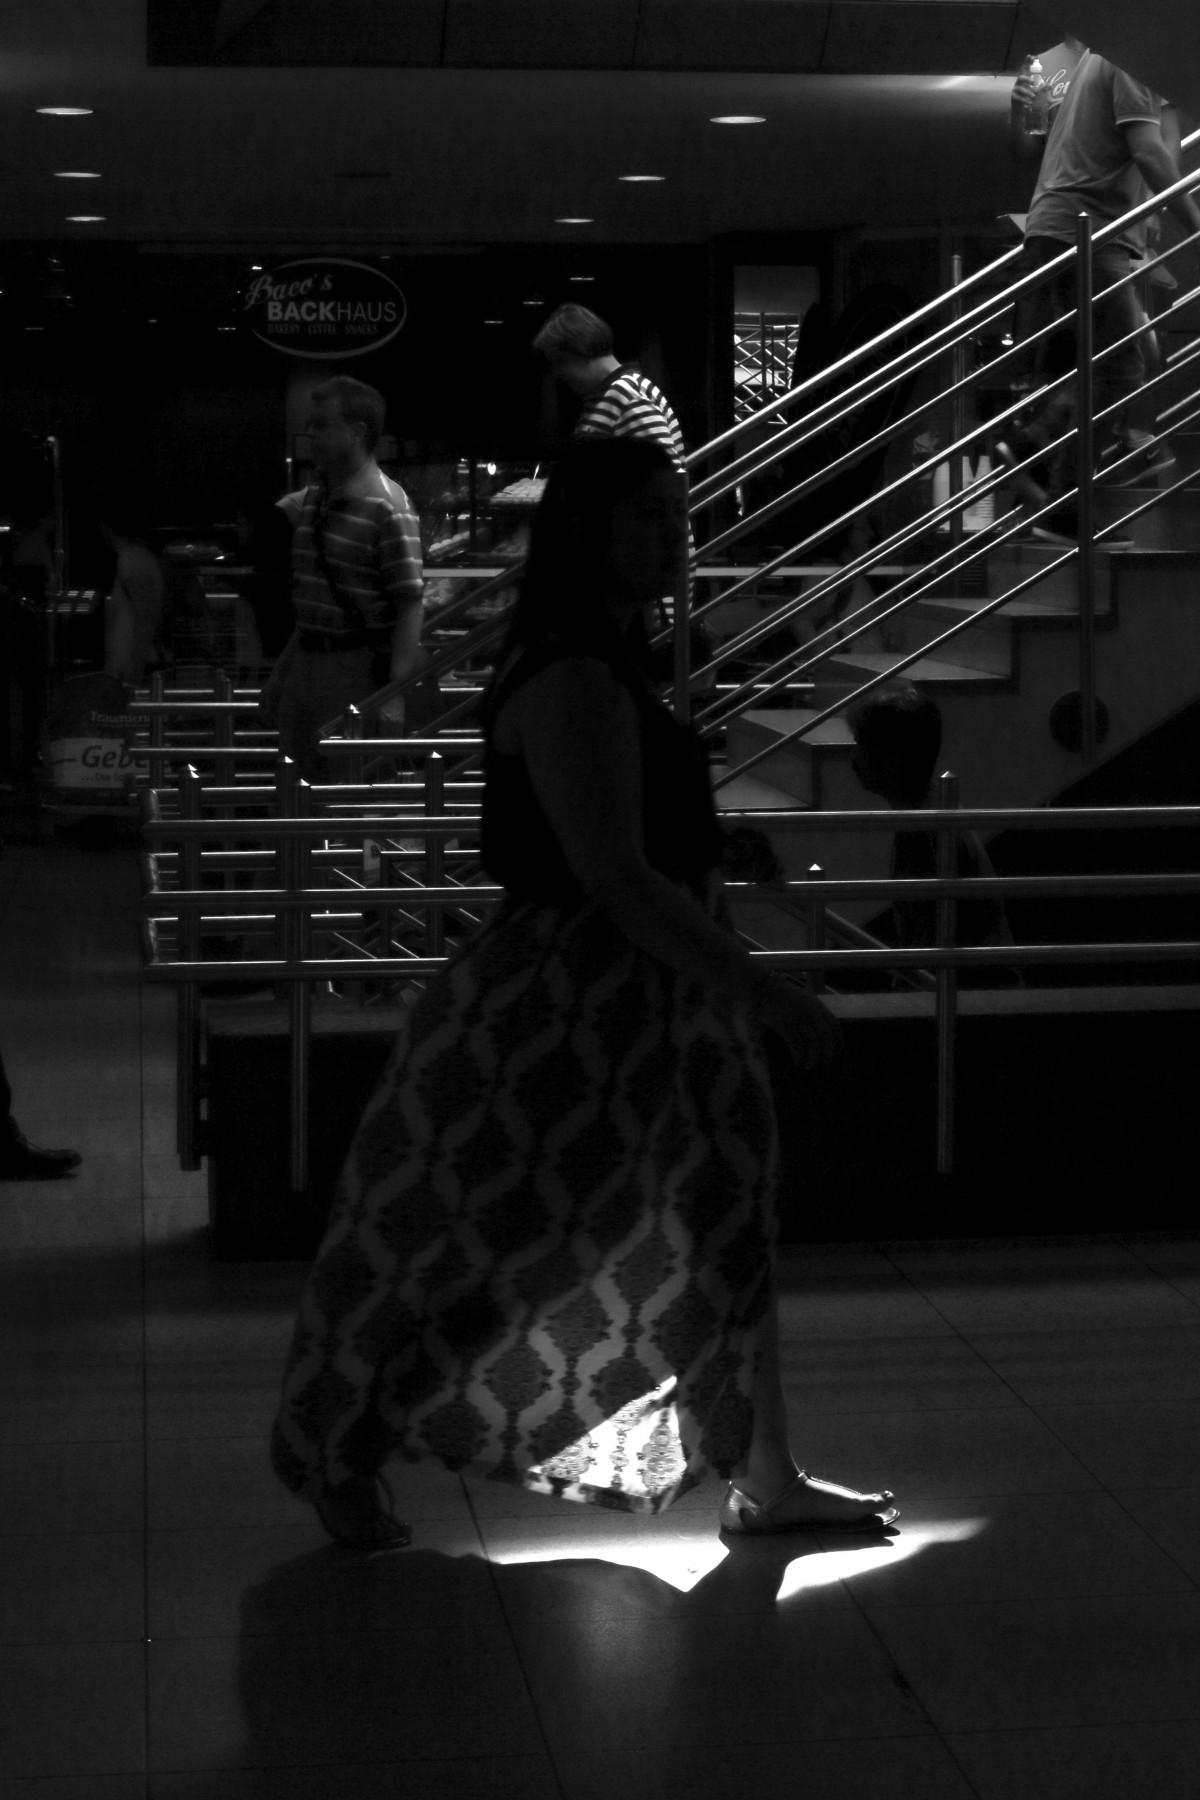 Roche, la personne, lumière, noir et blanc, gens, femme